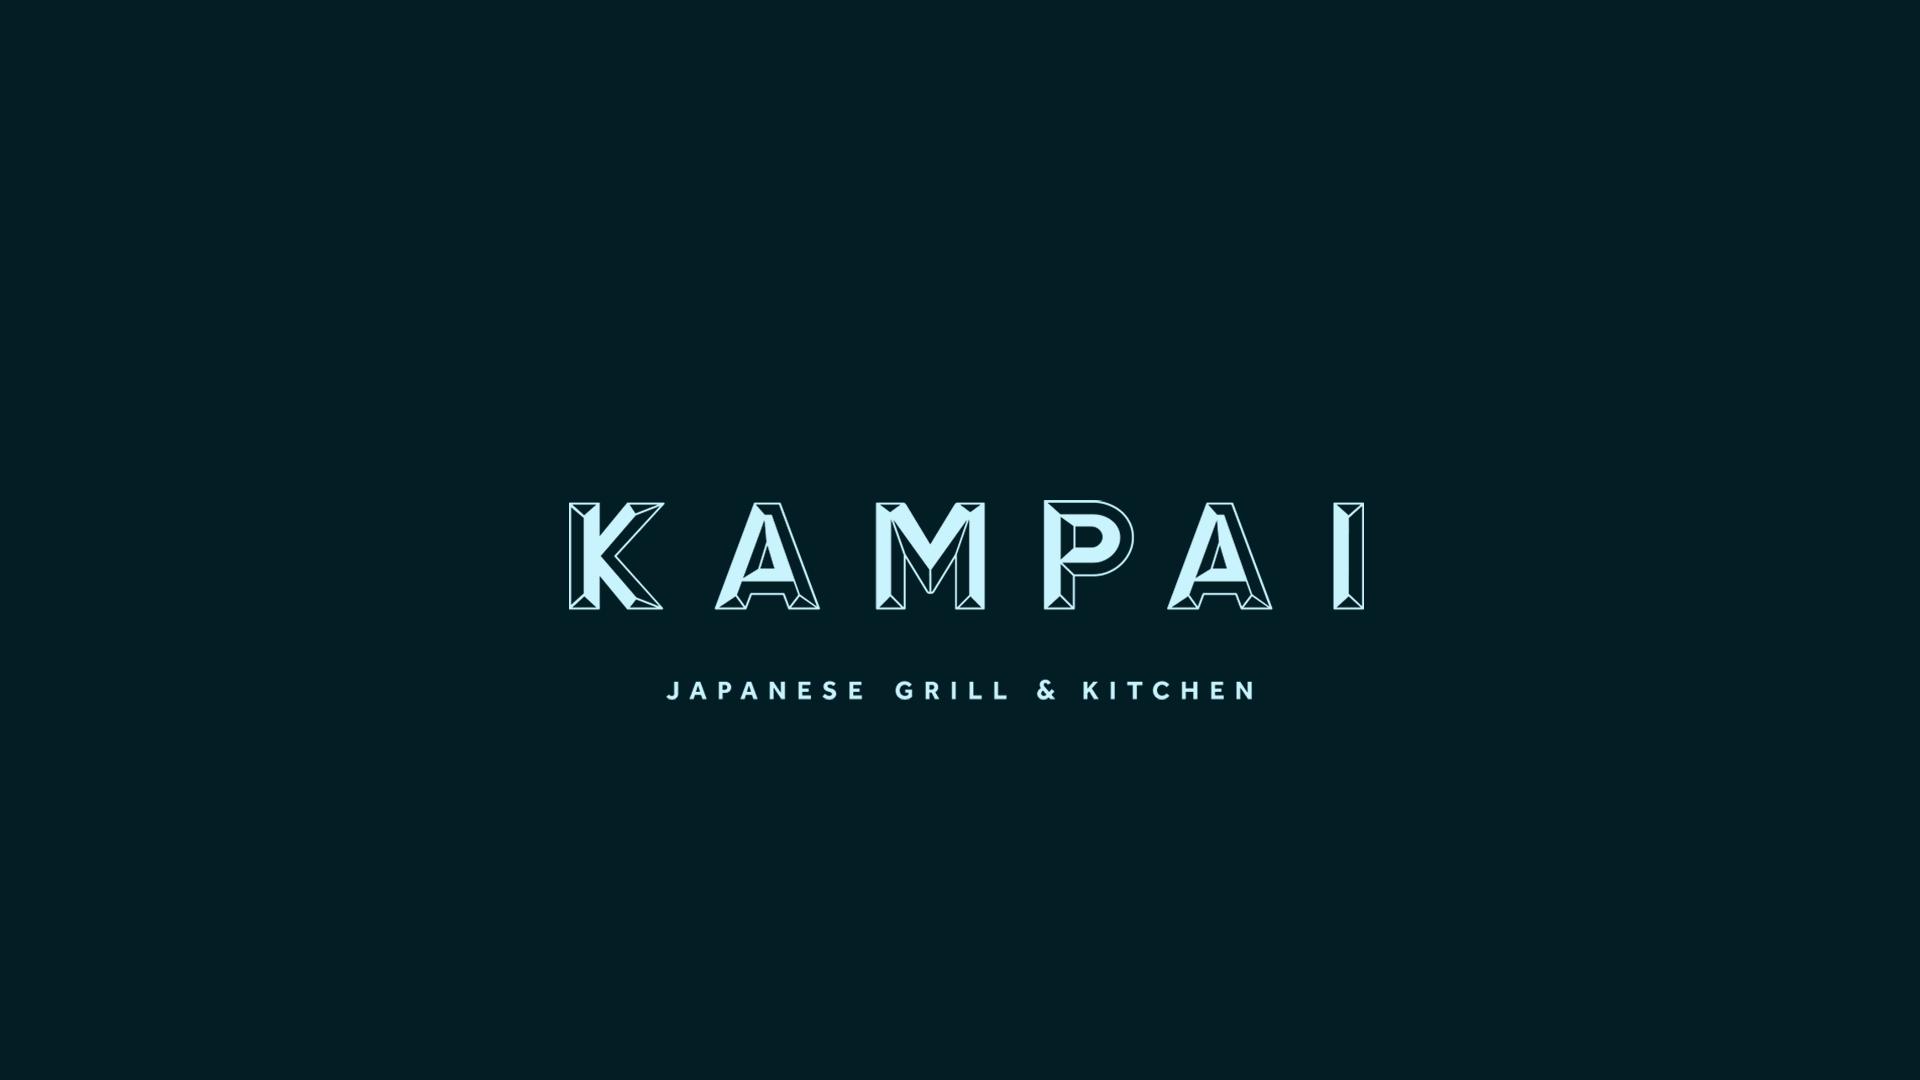 kampai-darkblue-yoenpaperland